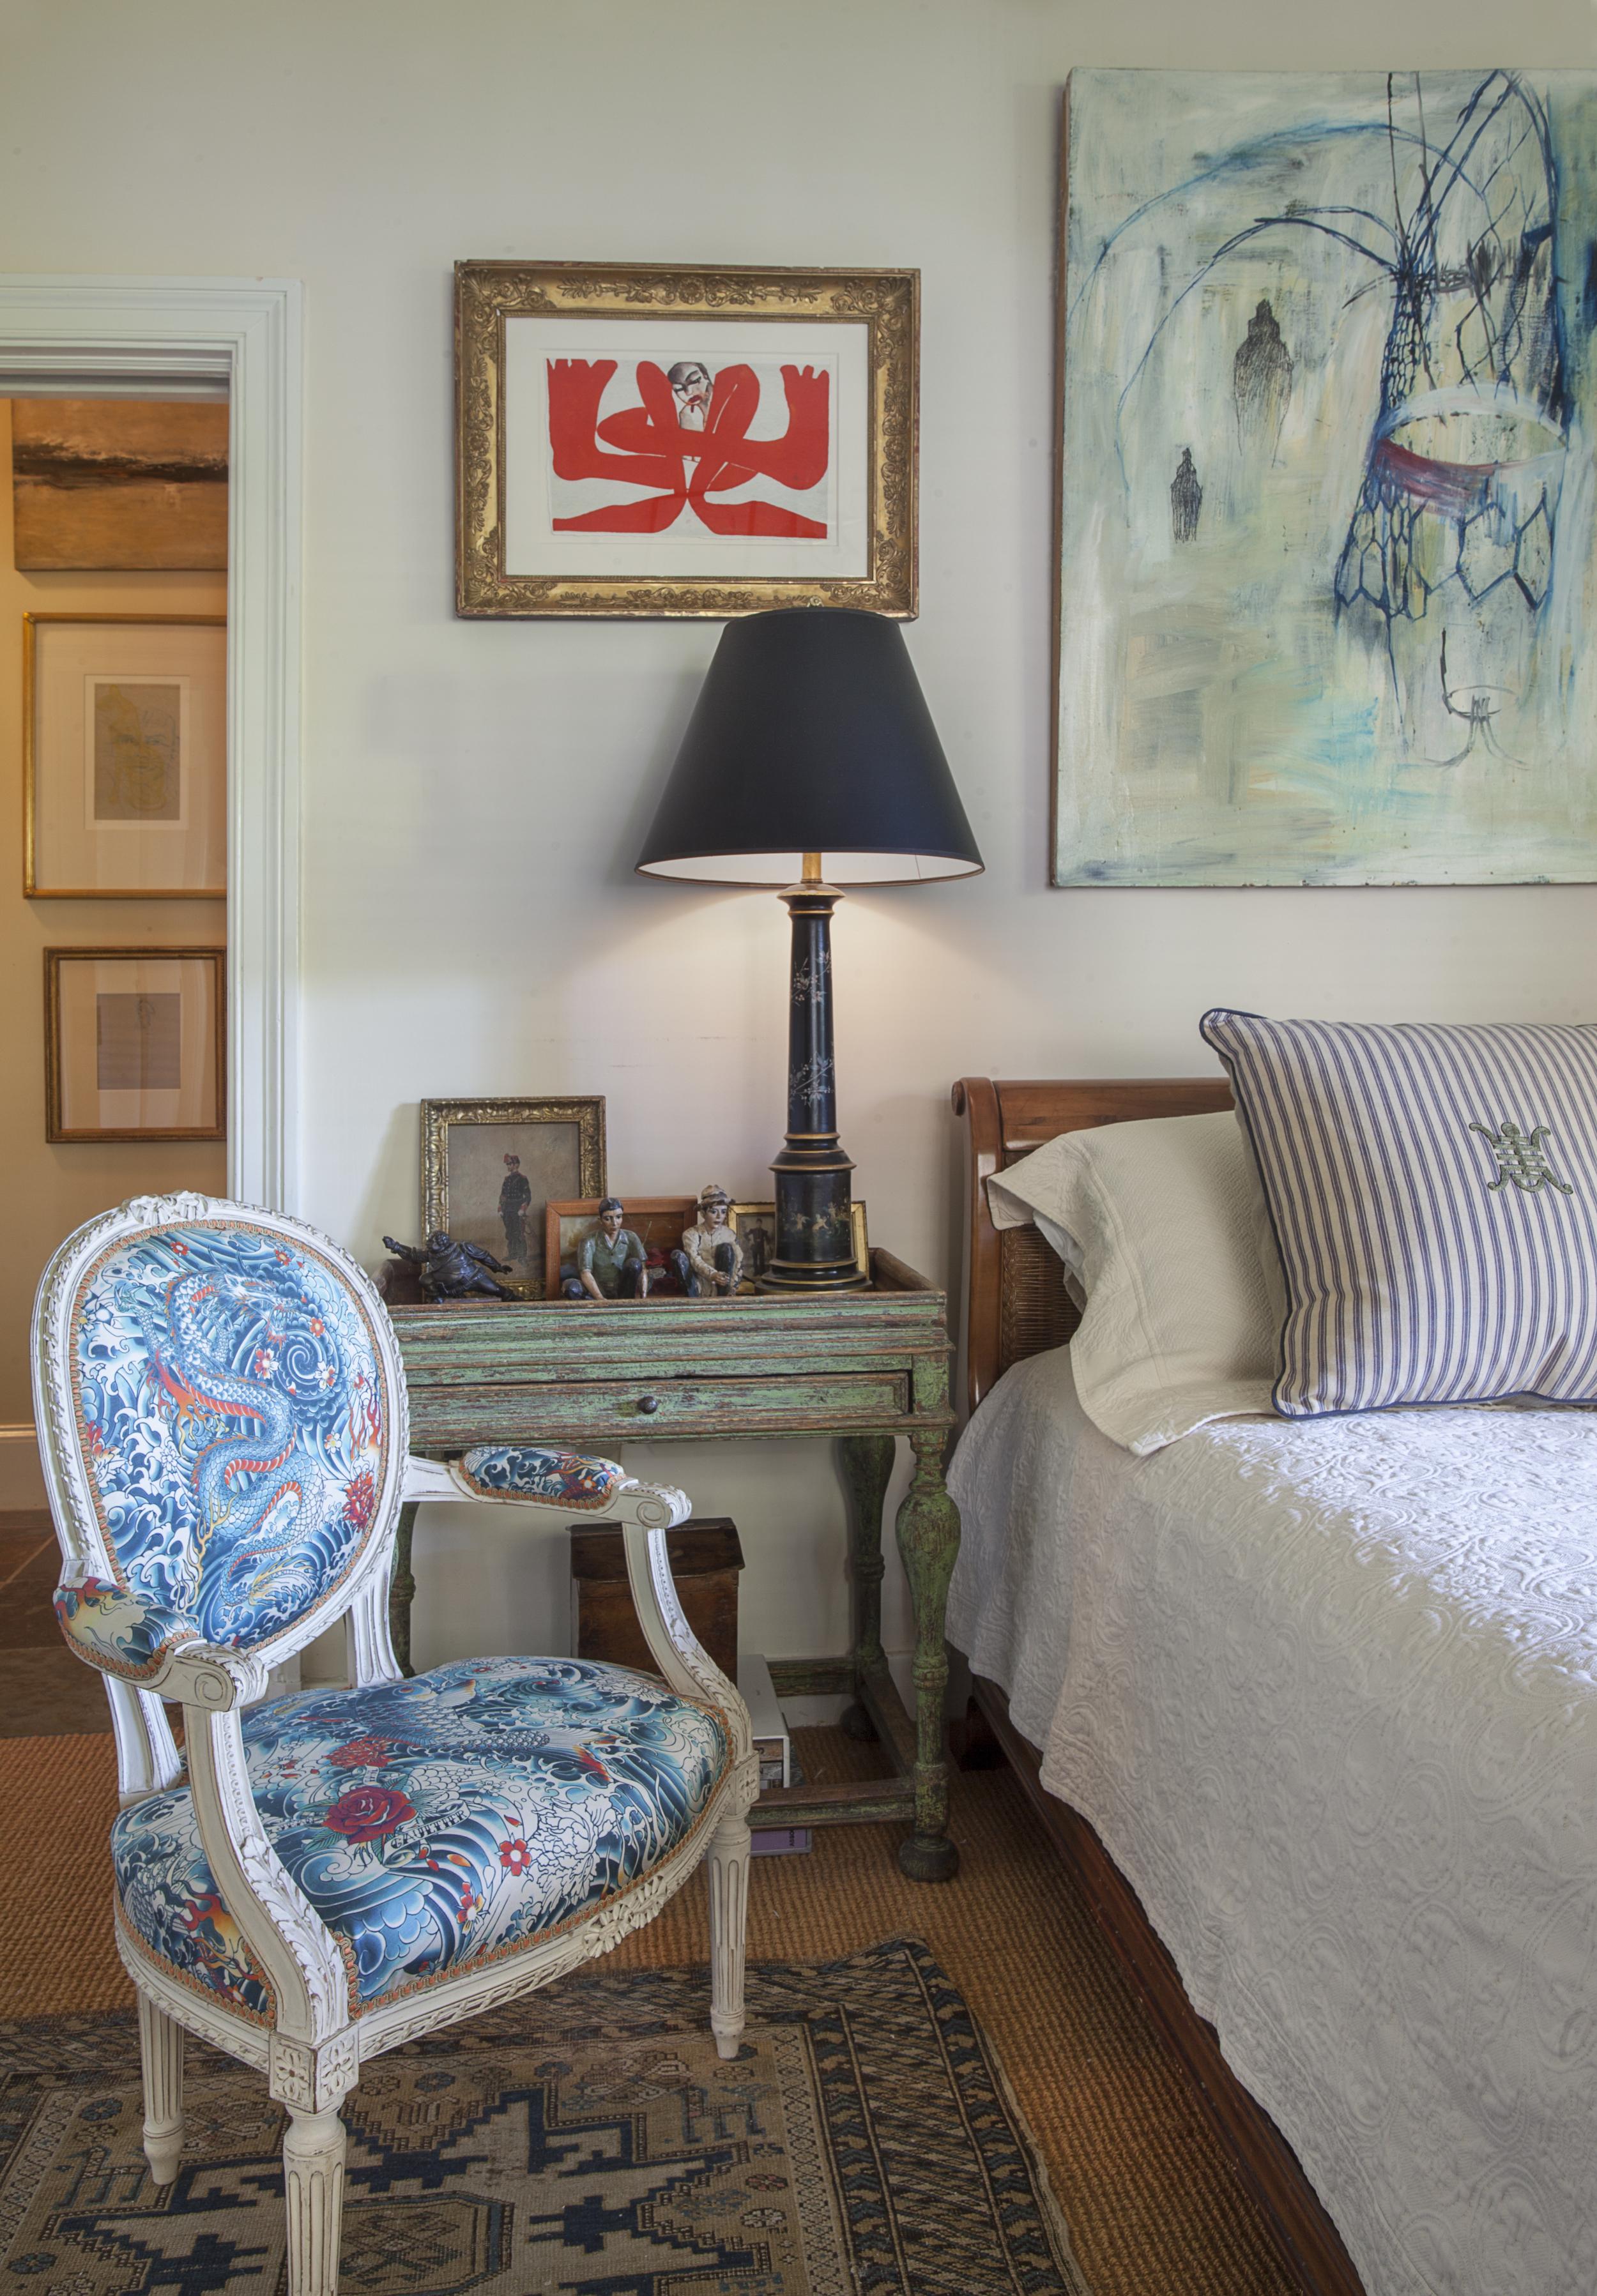 gary_bedroom.jpg